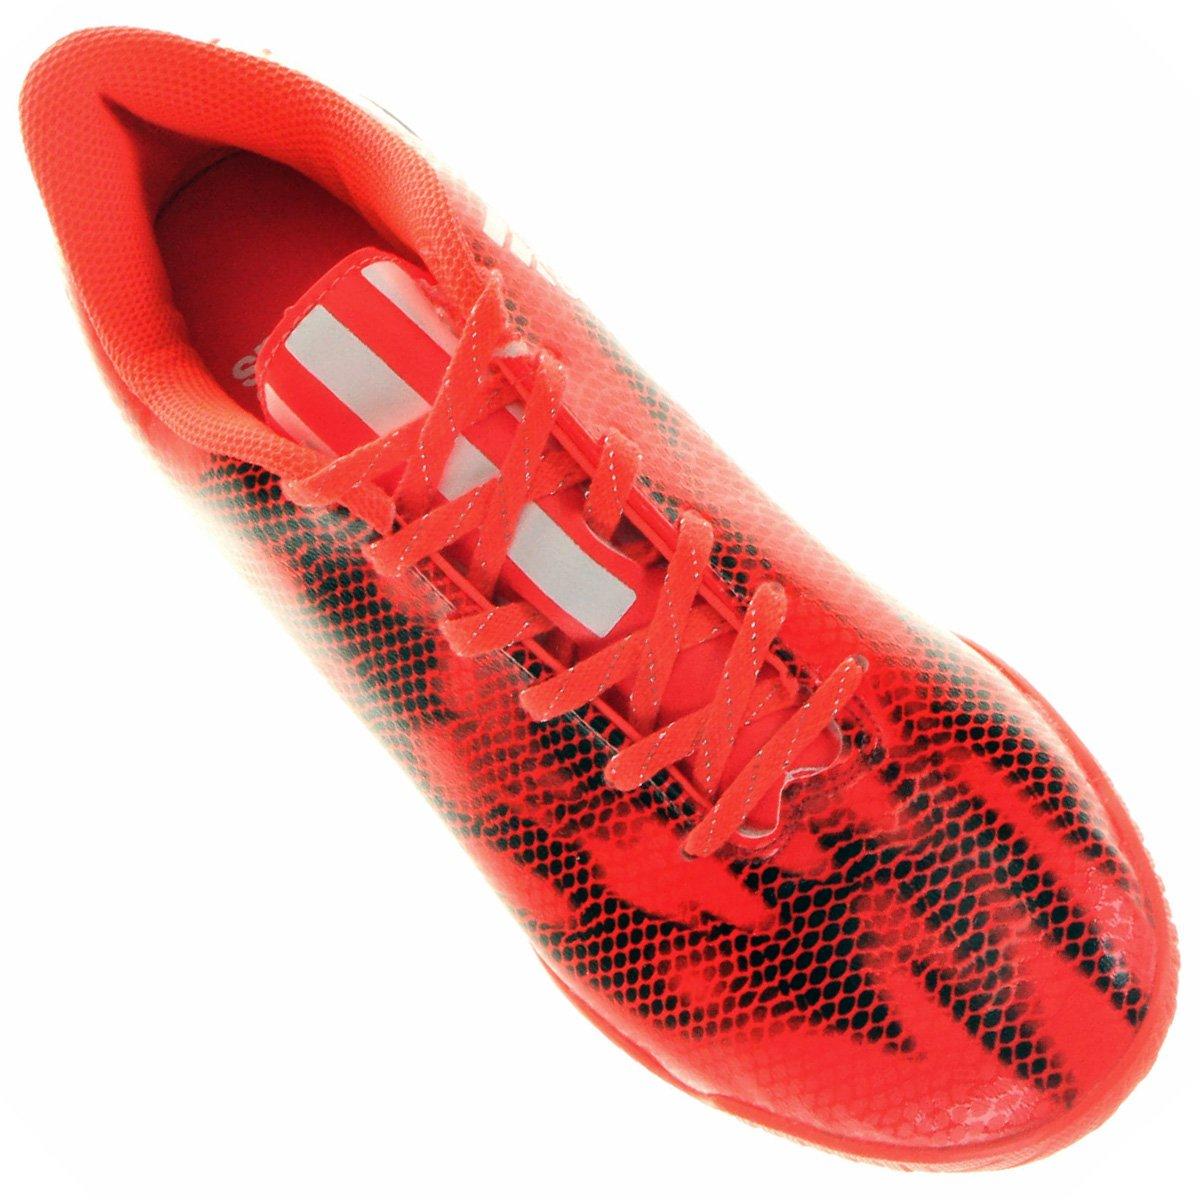 ... Chuteira Adidas F10 IN Futsal. Chuteira Adidas F10 IN Futsal - Laranja  Escuro 92c1604beb774